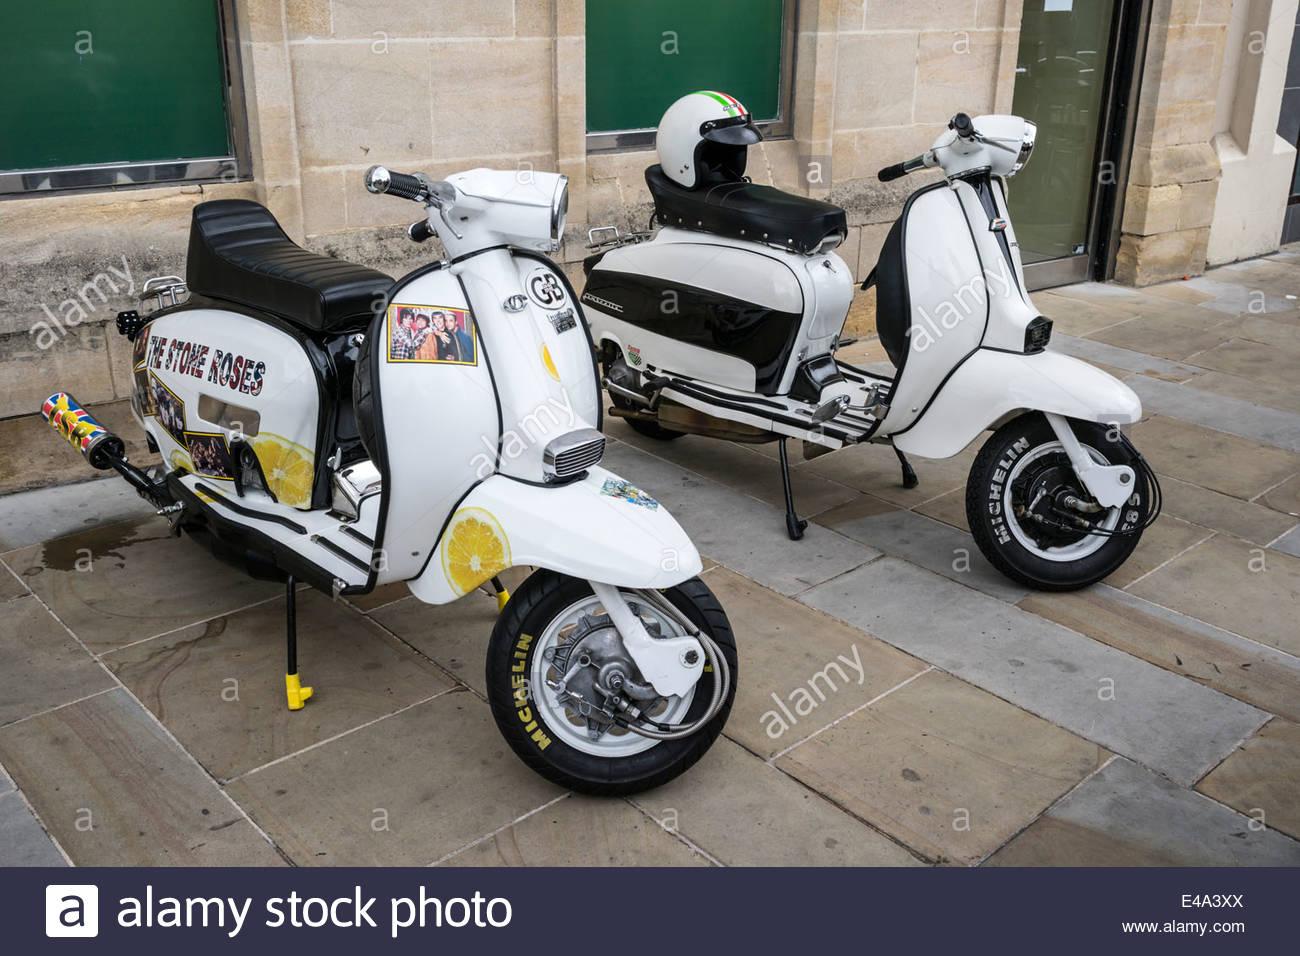 Lambretta Scooters - Stock Image